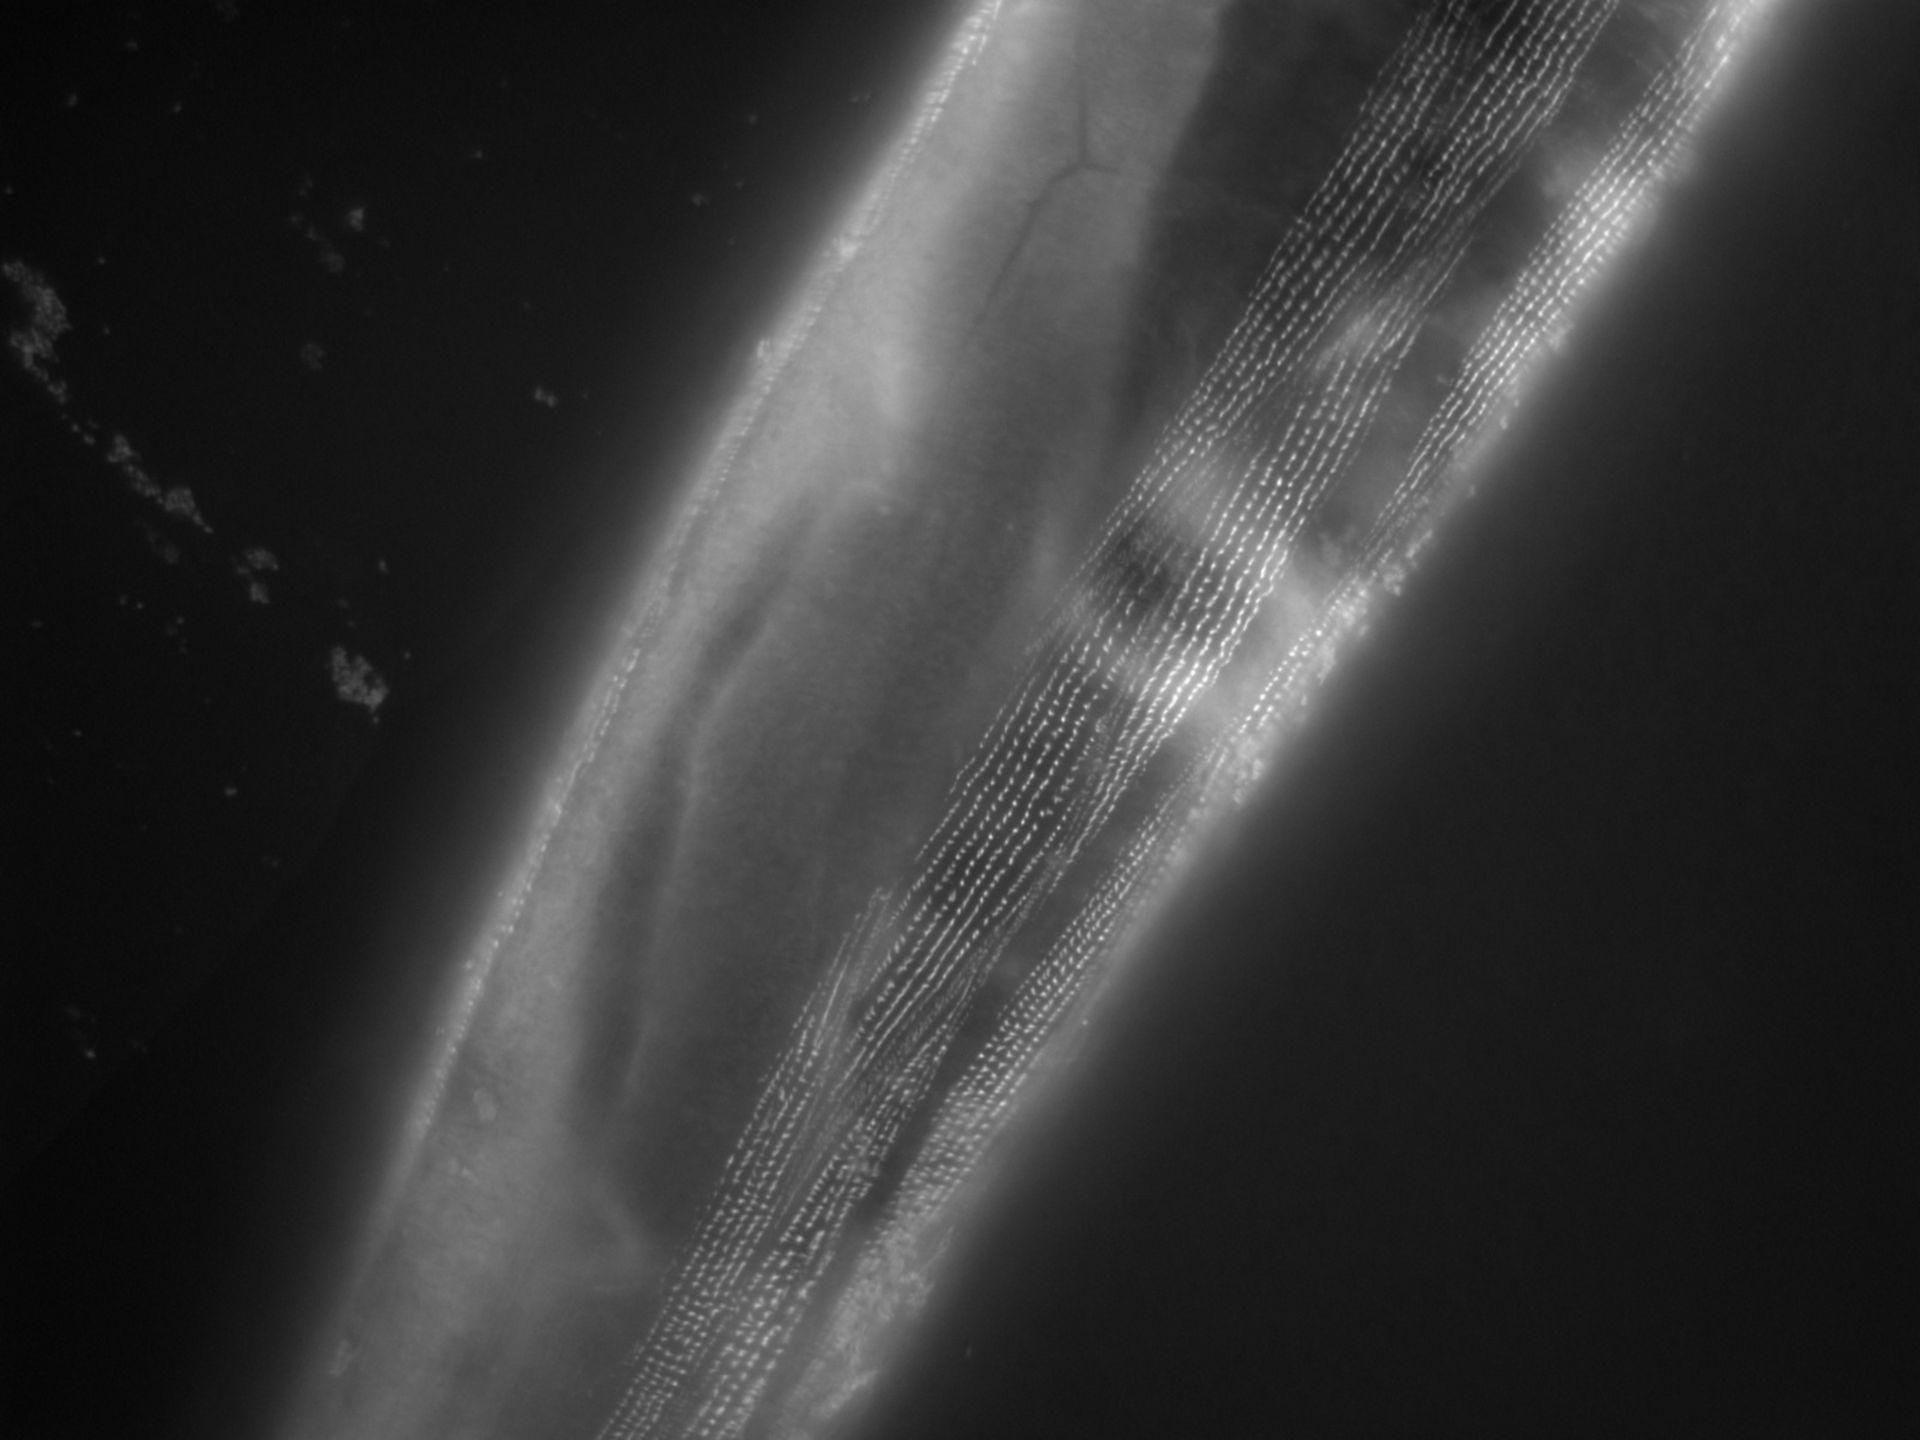 Caenorhabditis elegans (Actin filament) - CIL:1172